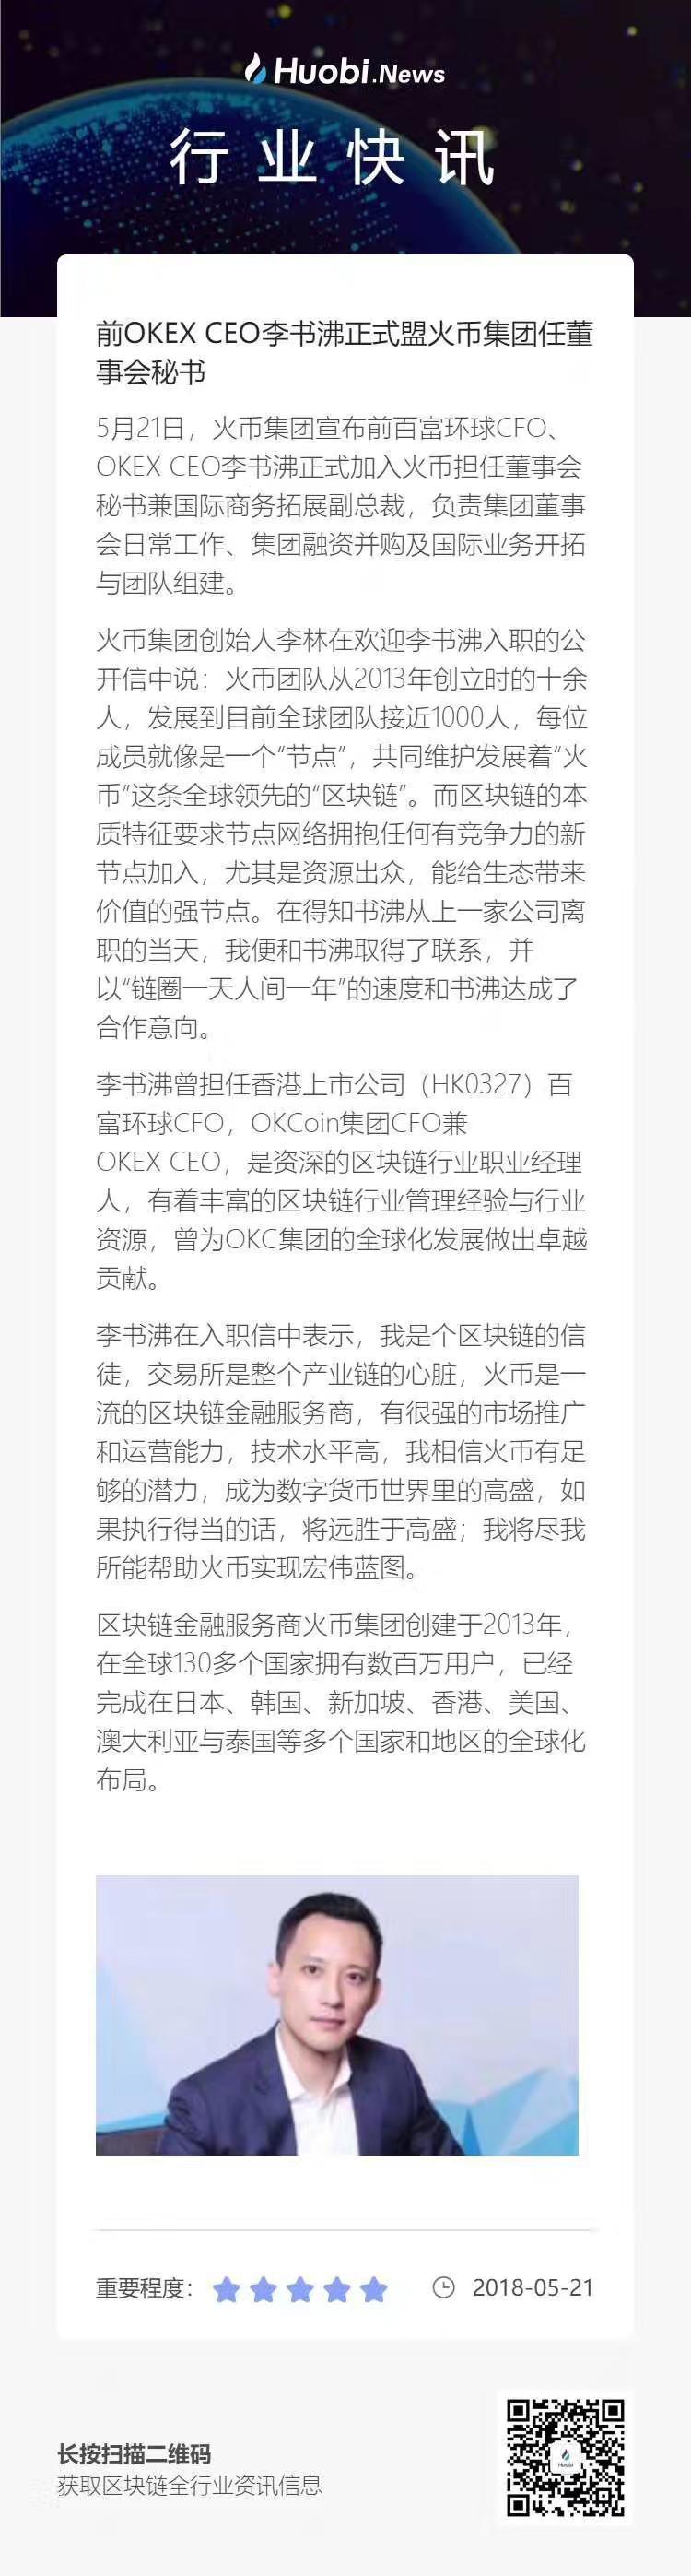 原OKEX CEO李书沸已正式入职火币 任董事会秘书